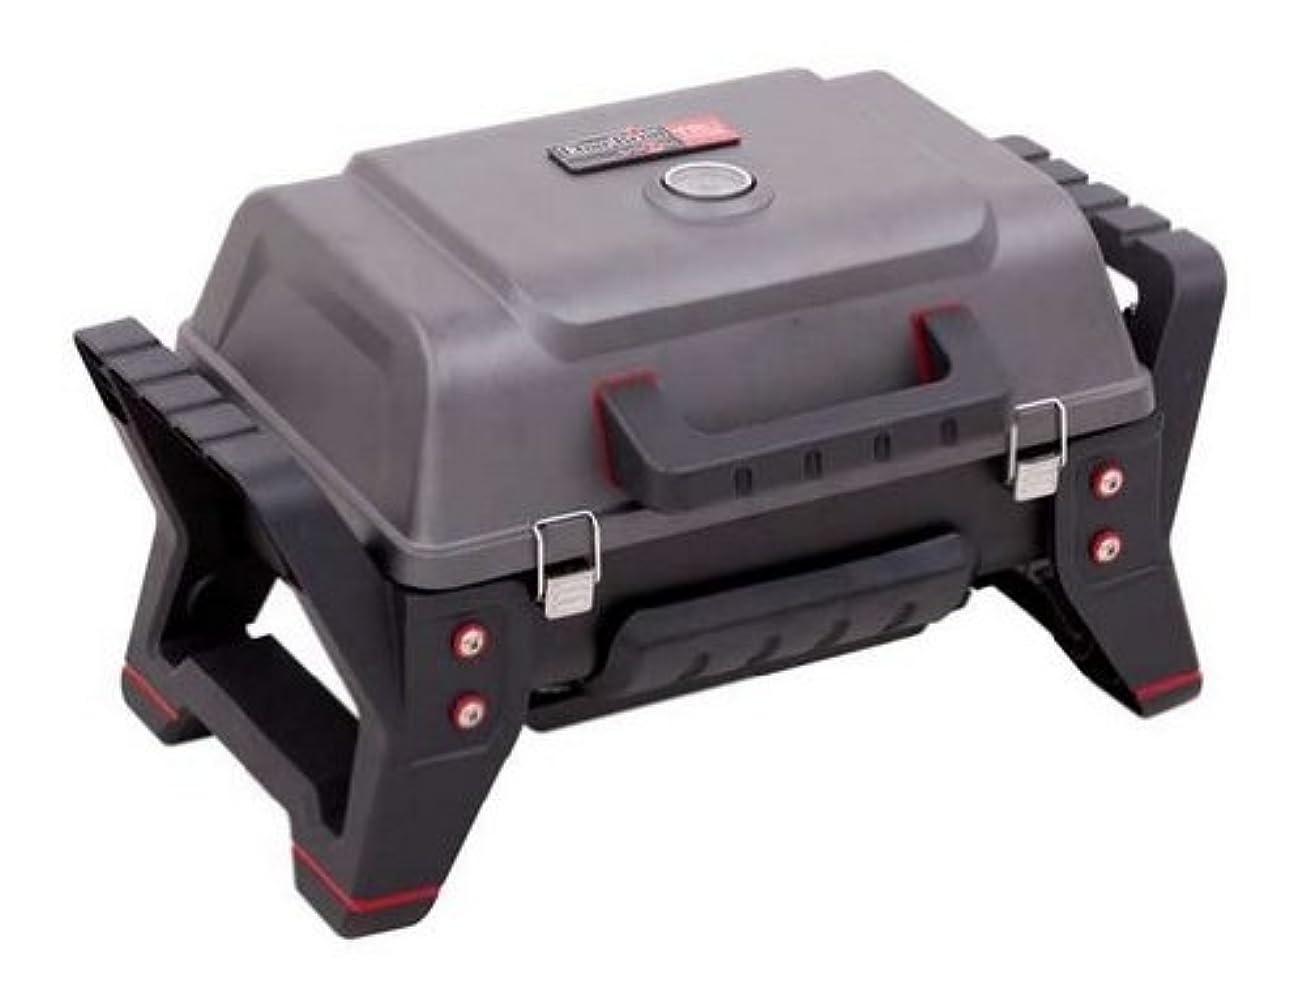 Char-Broil Grill2Go X200 Portable TRU-Infrared Liquid Propane Gas Grill thuojxgnxxka2